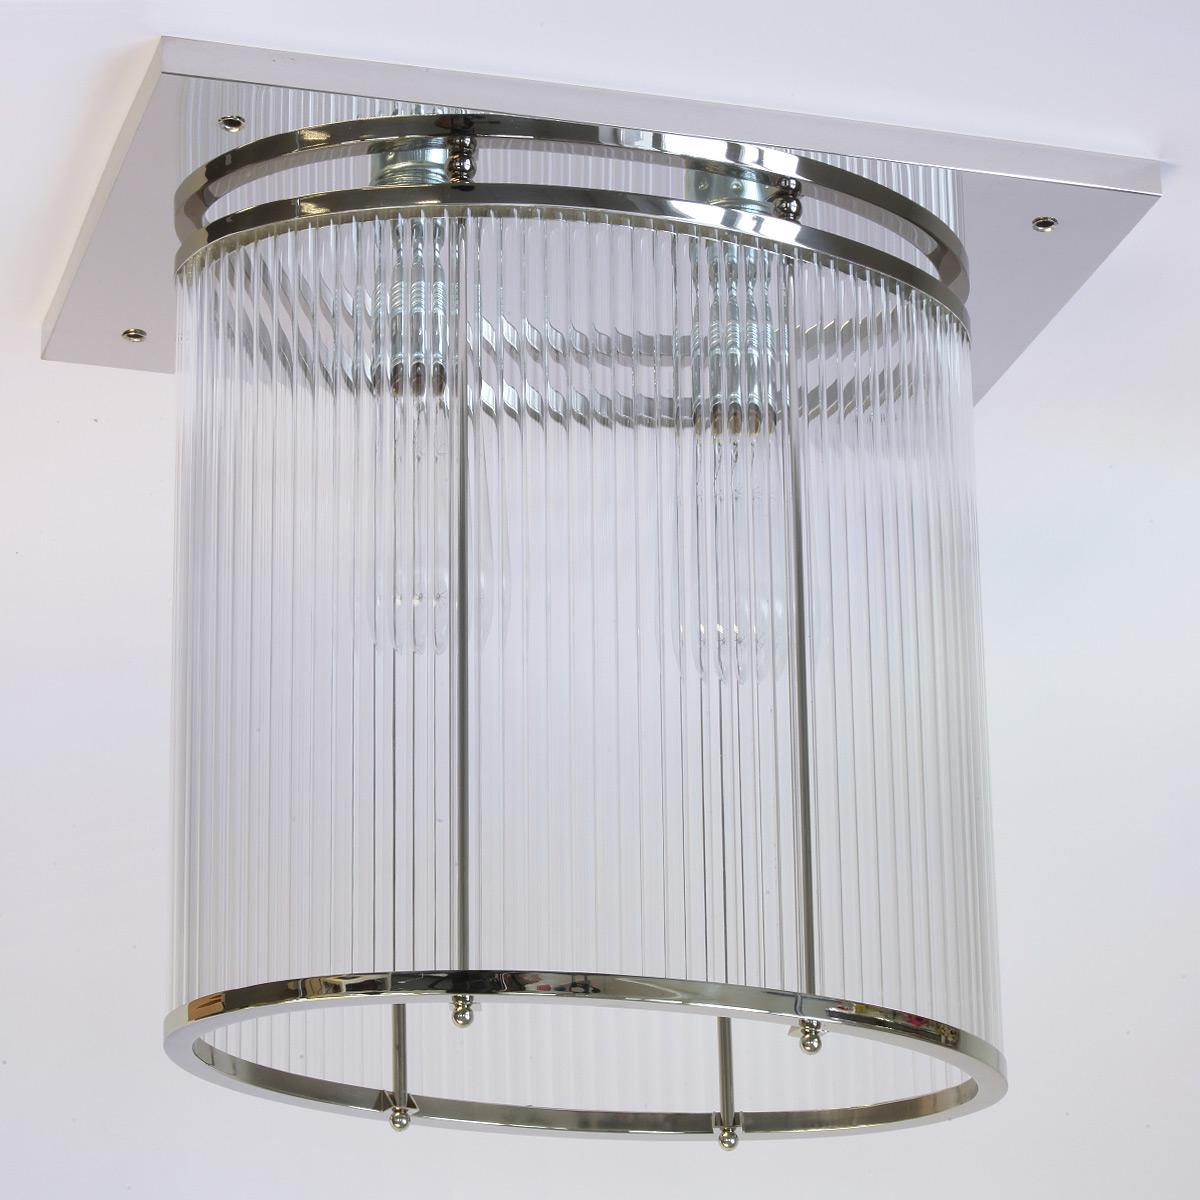 Vernickelte ovale Kristallglas-Deckenleuchte im Art déco-Stil